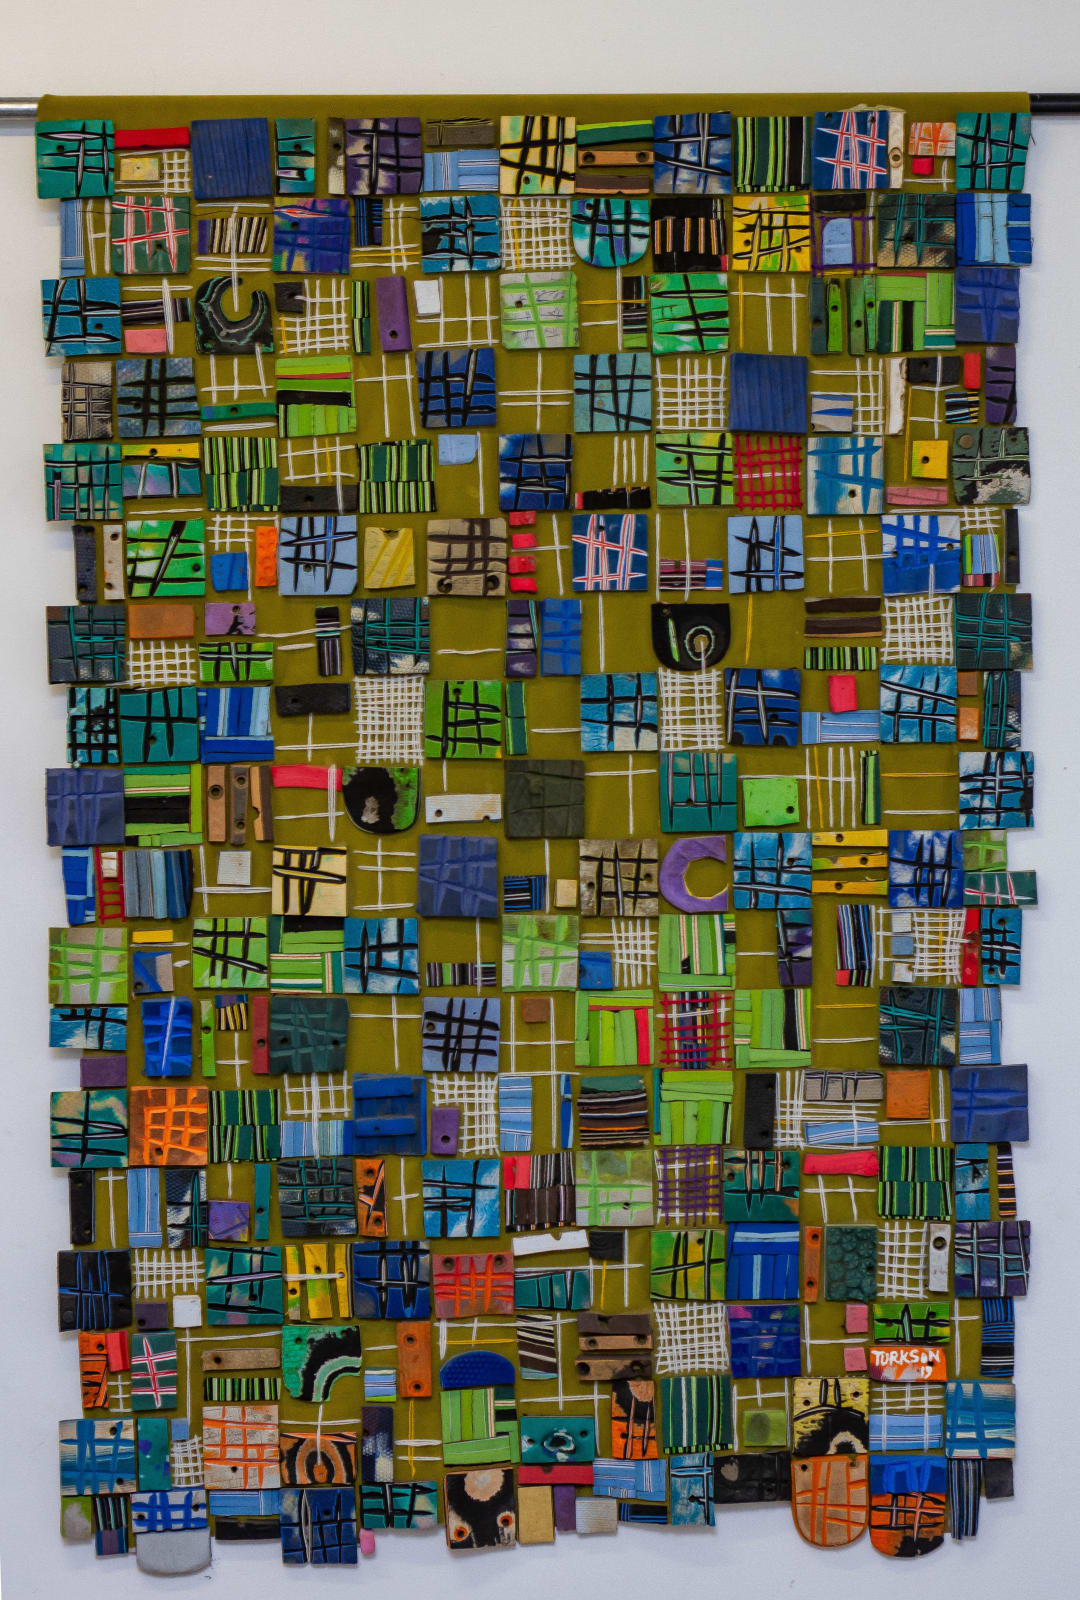 Patrick Tagoe Turkson Abebe 93 x 137 cm Found Flip flops on suede